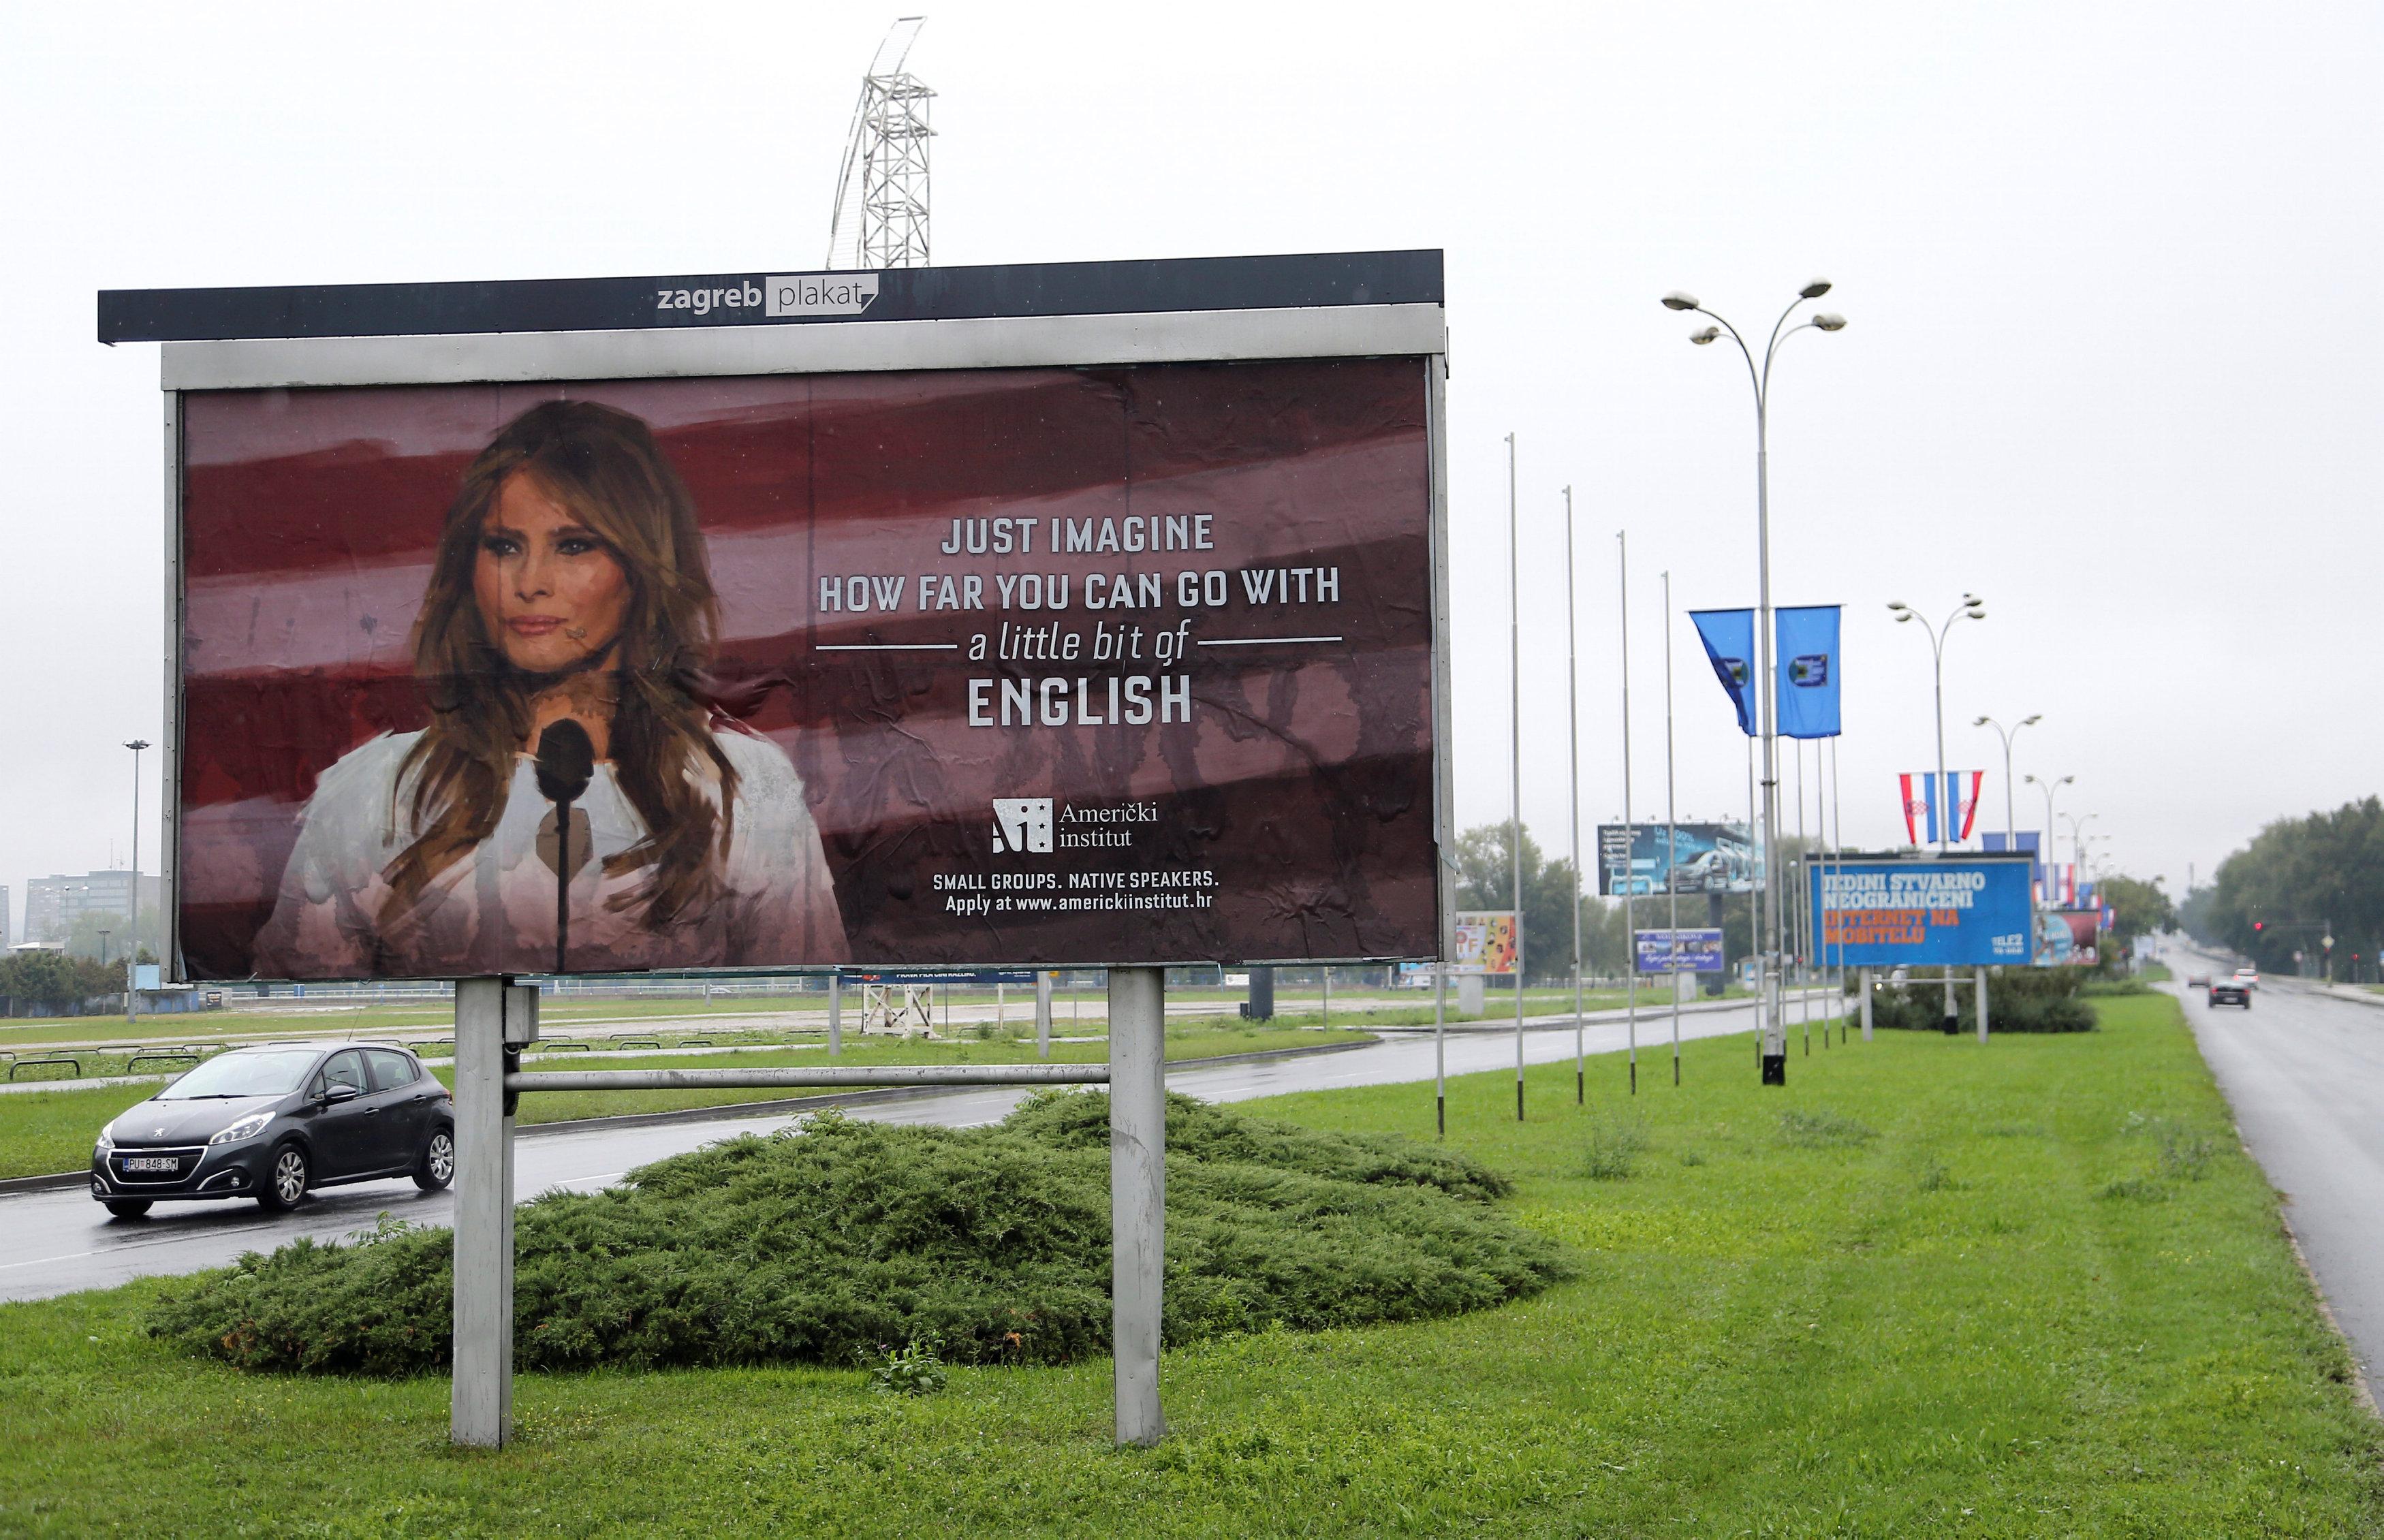 استفاده از تصویر ملانیا ترامپ برای تبلیغ مدرسه زبان در اوکراین+ تصاویر